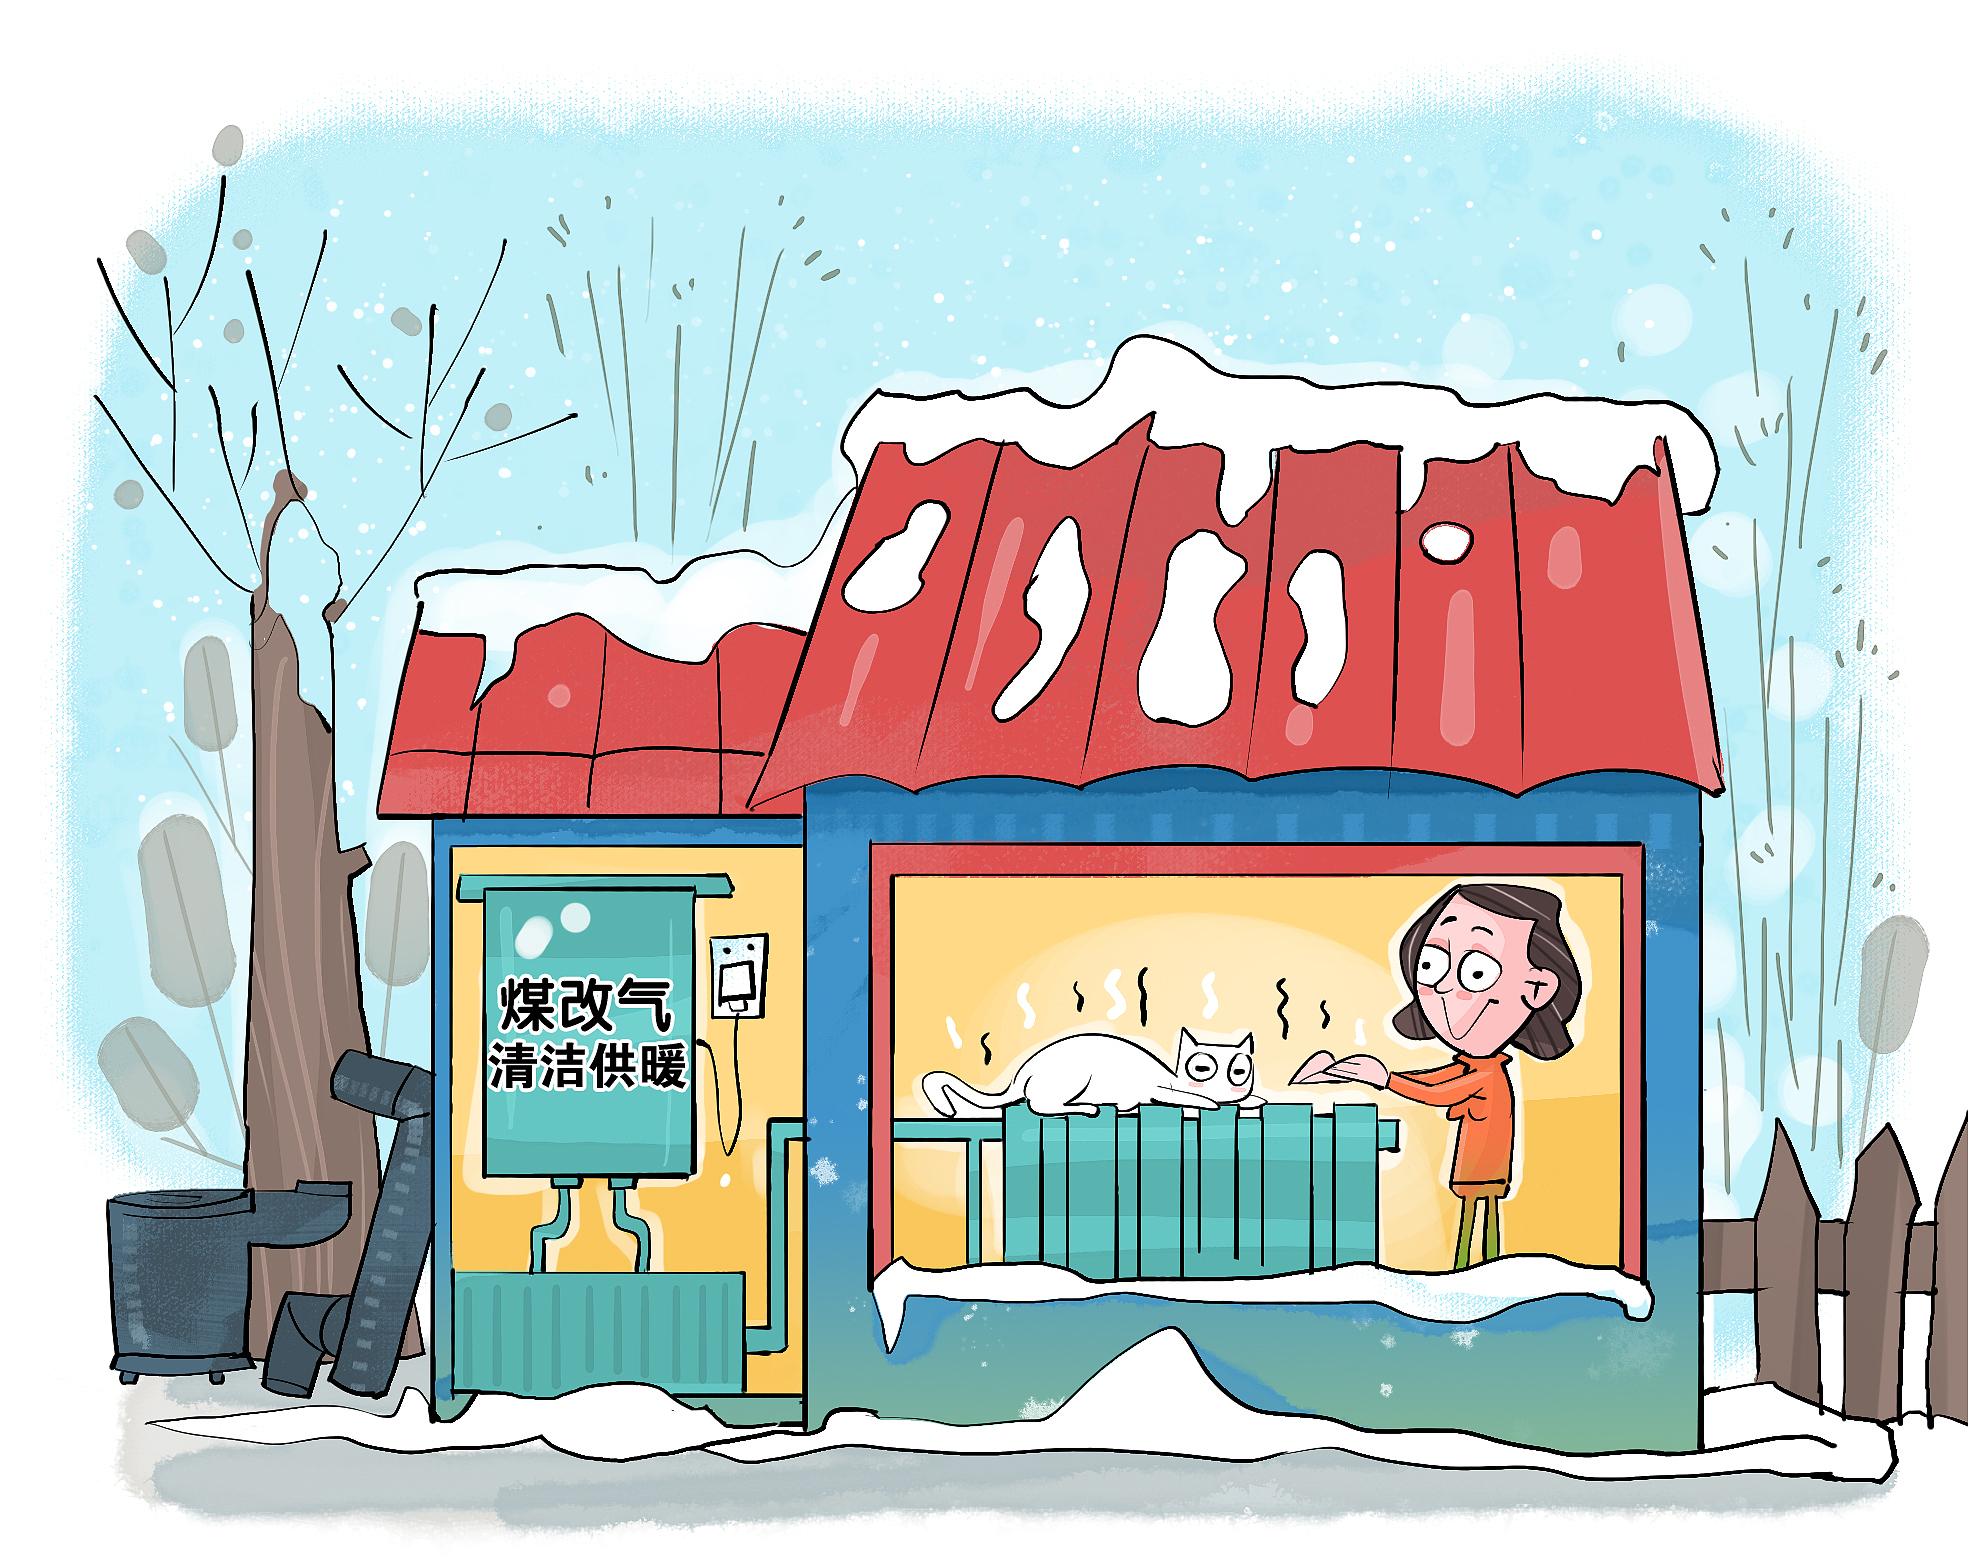 长安办:让群众按时实现清洁取暖